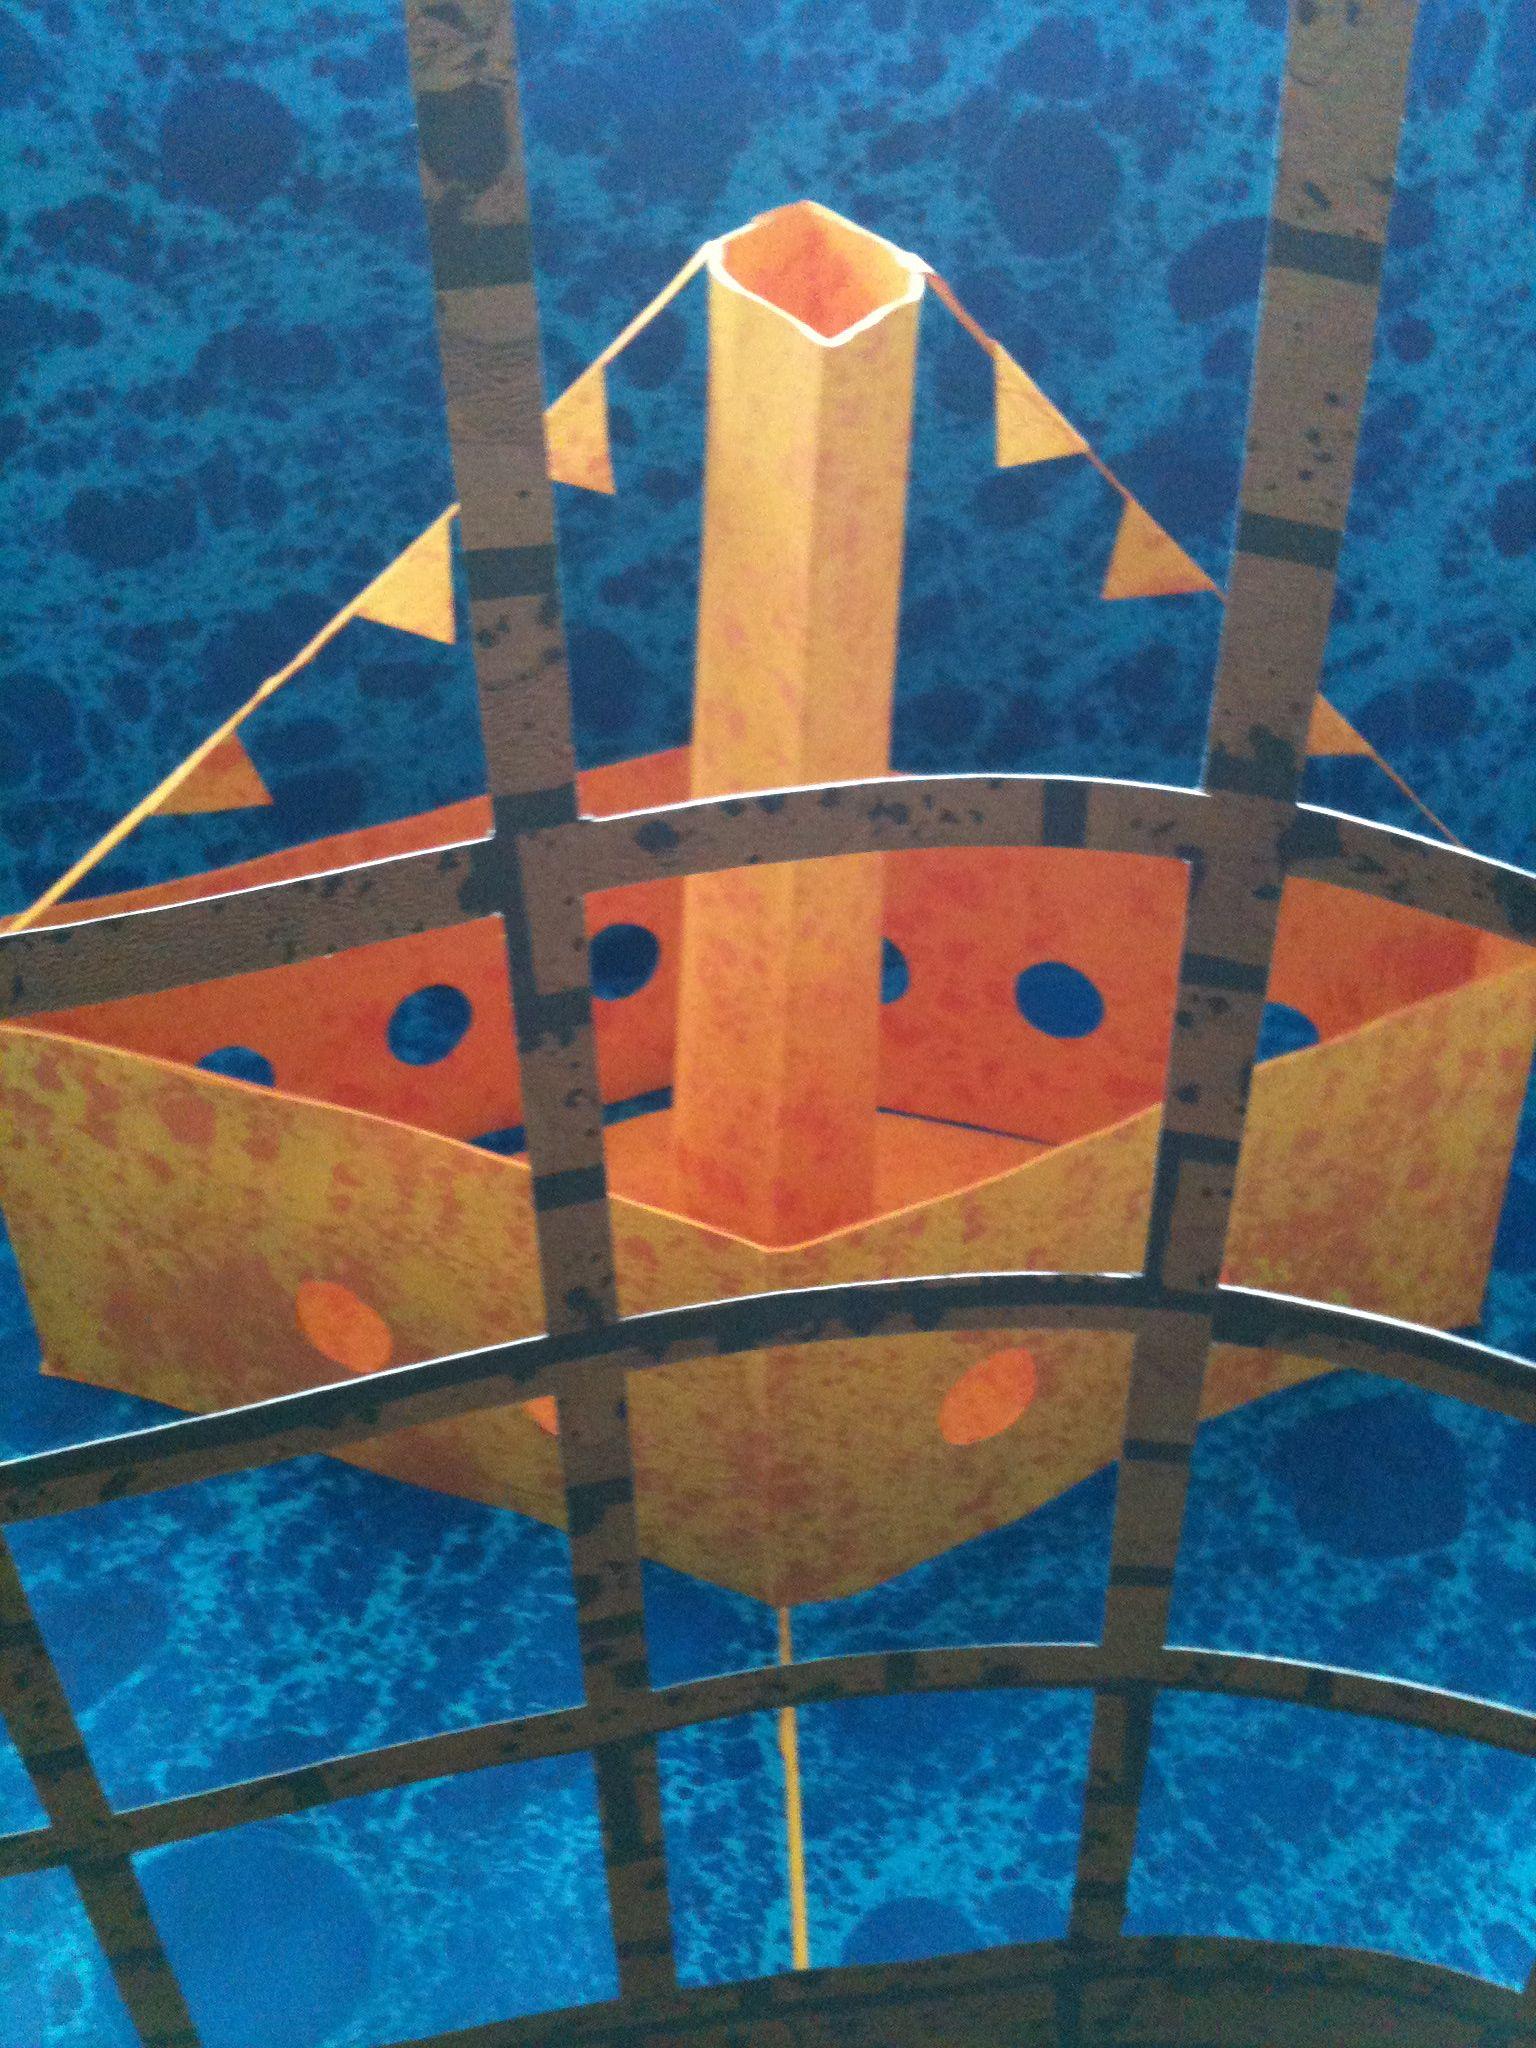 Hannah Kokoschka pop-up ship artwork